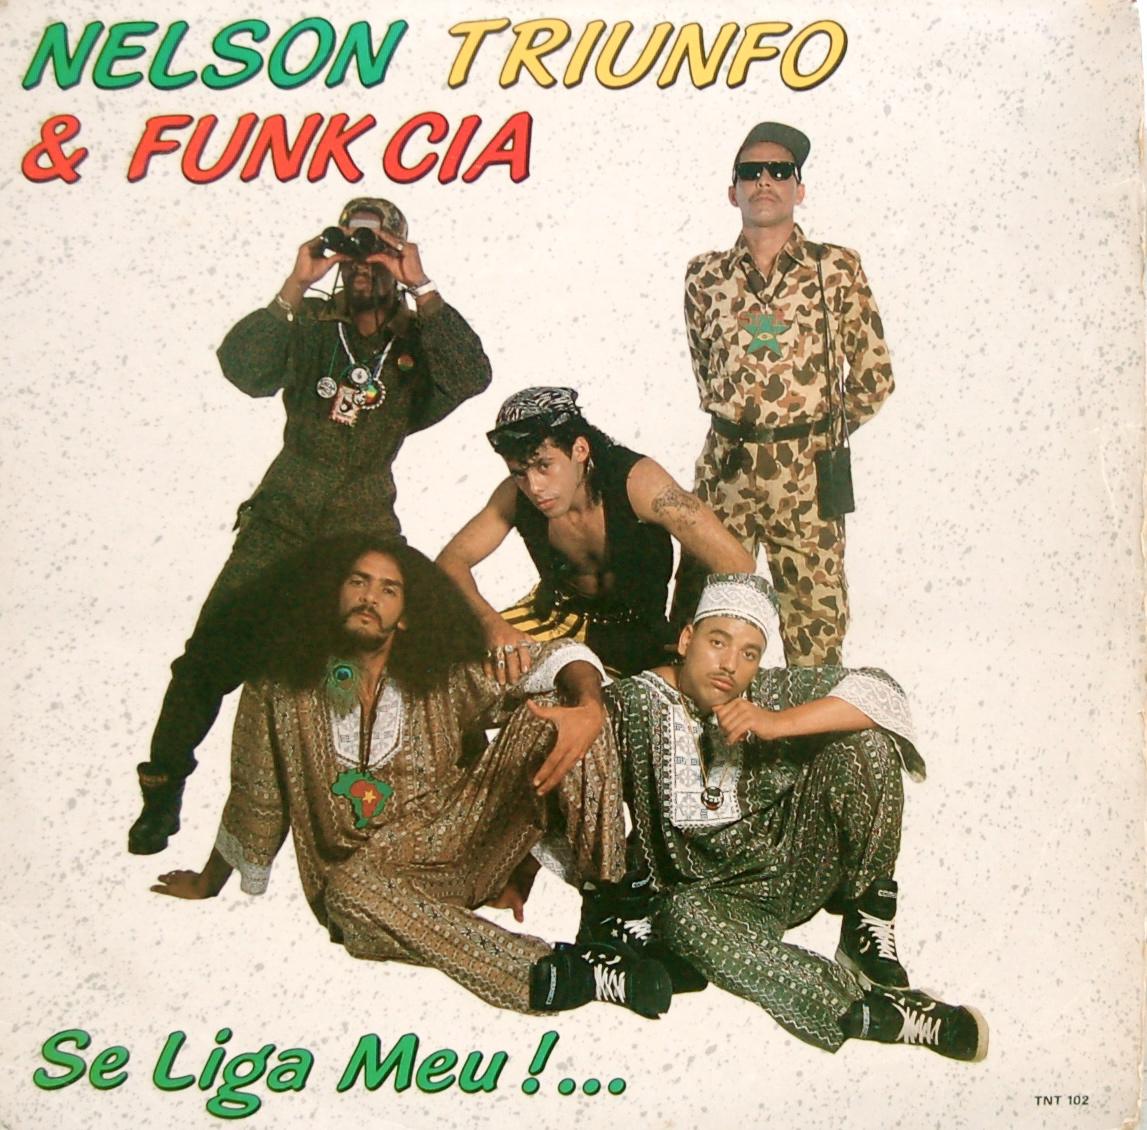 """Capa do histórico disco """"Neslon Triunfo E Funk Cia"""""""